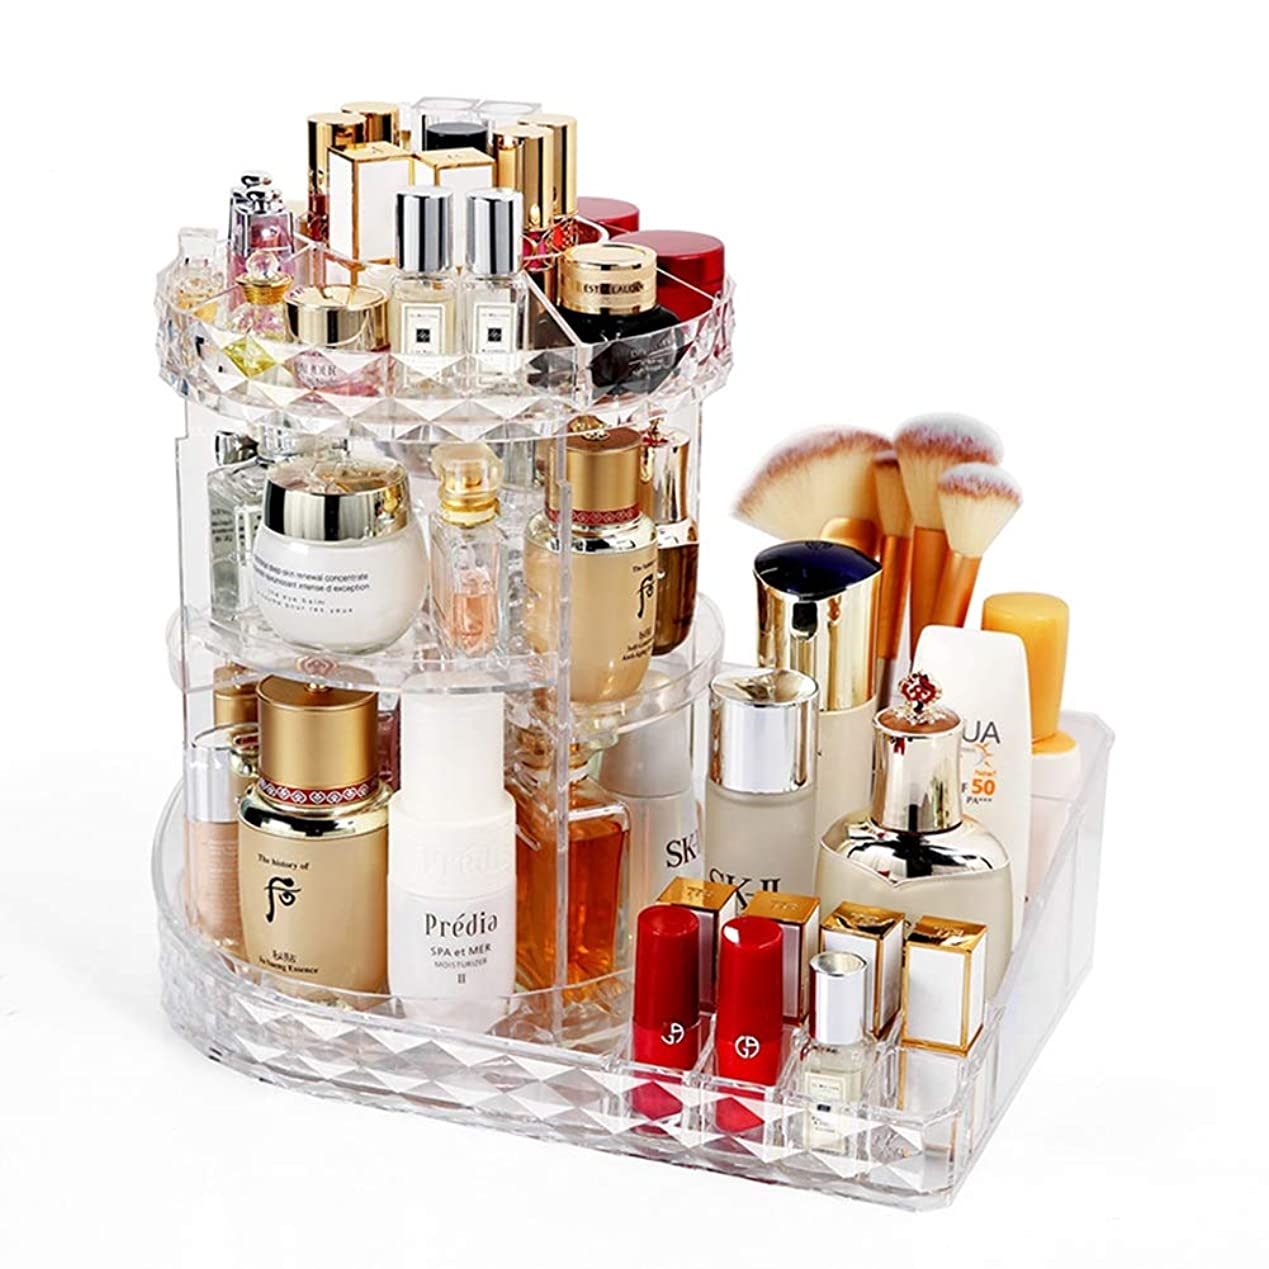 商人付き添い人まで化粧オーガナイザー、360度回転調節可能な化粧品収納陳列ケース、クリアアクリル、ジュエリーにフィット、化粧ブラシ、口紅など,B